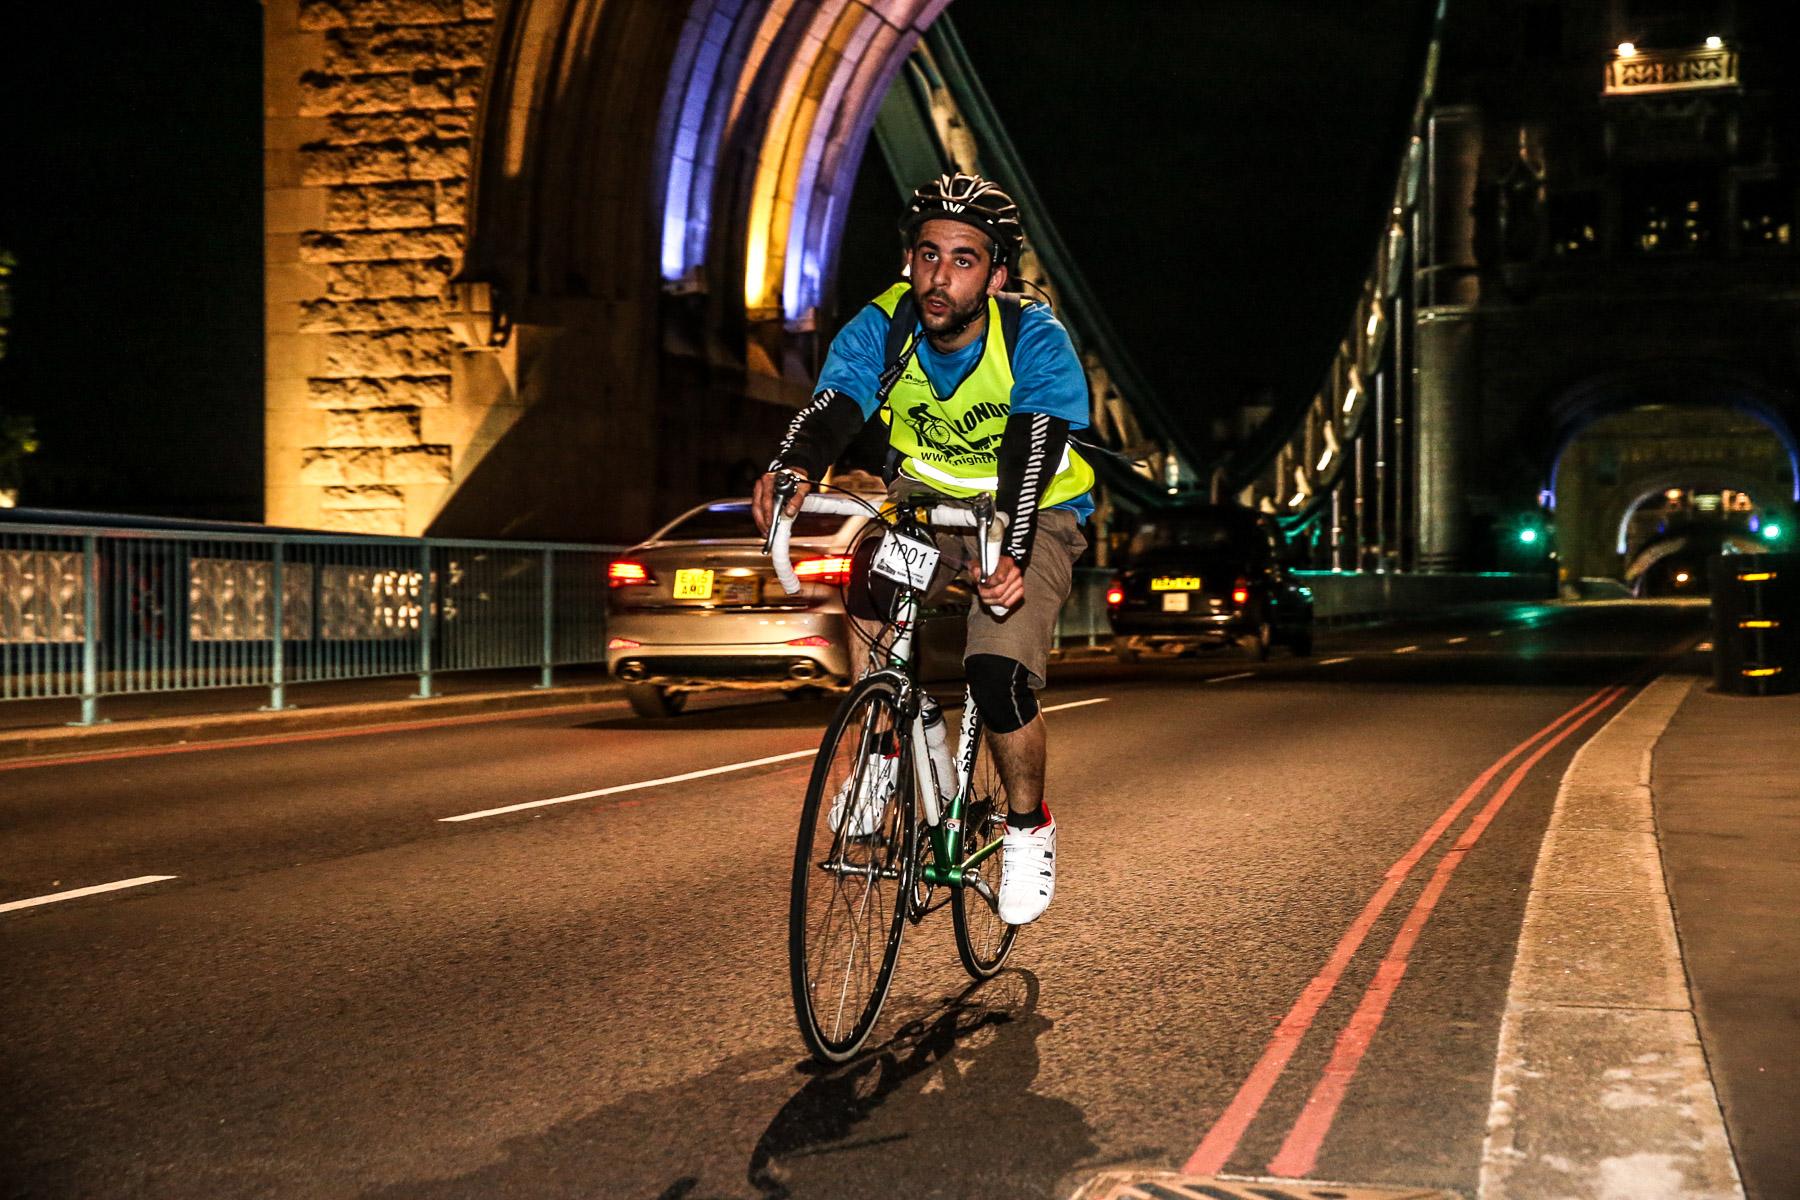 Nightrider cyclist